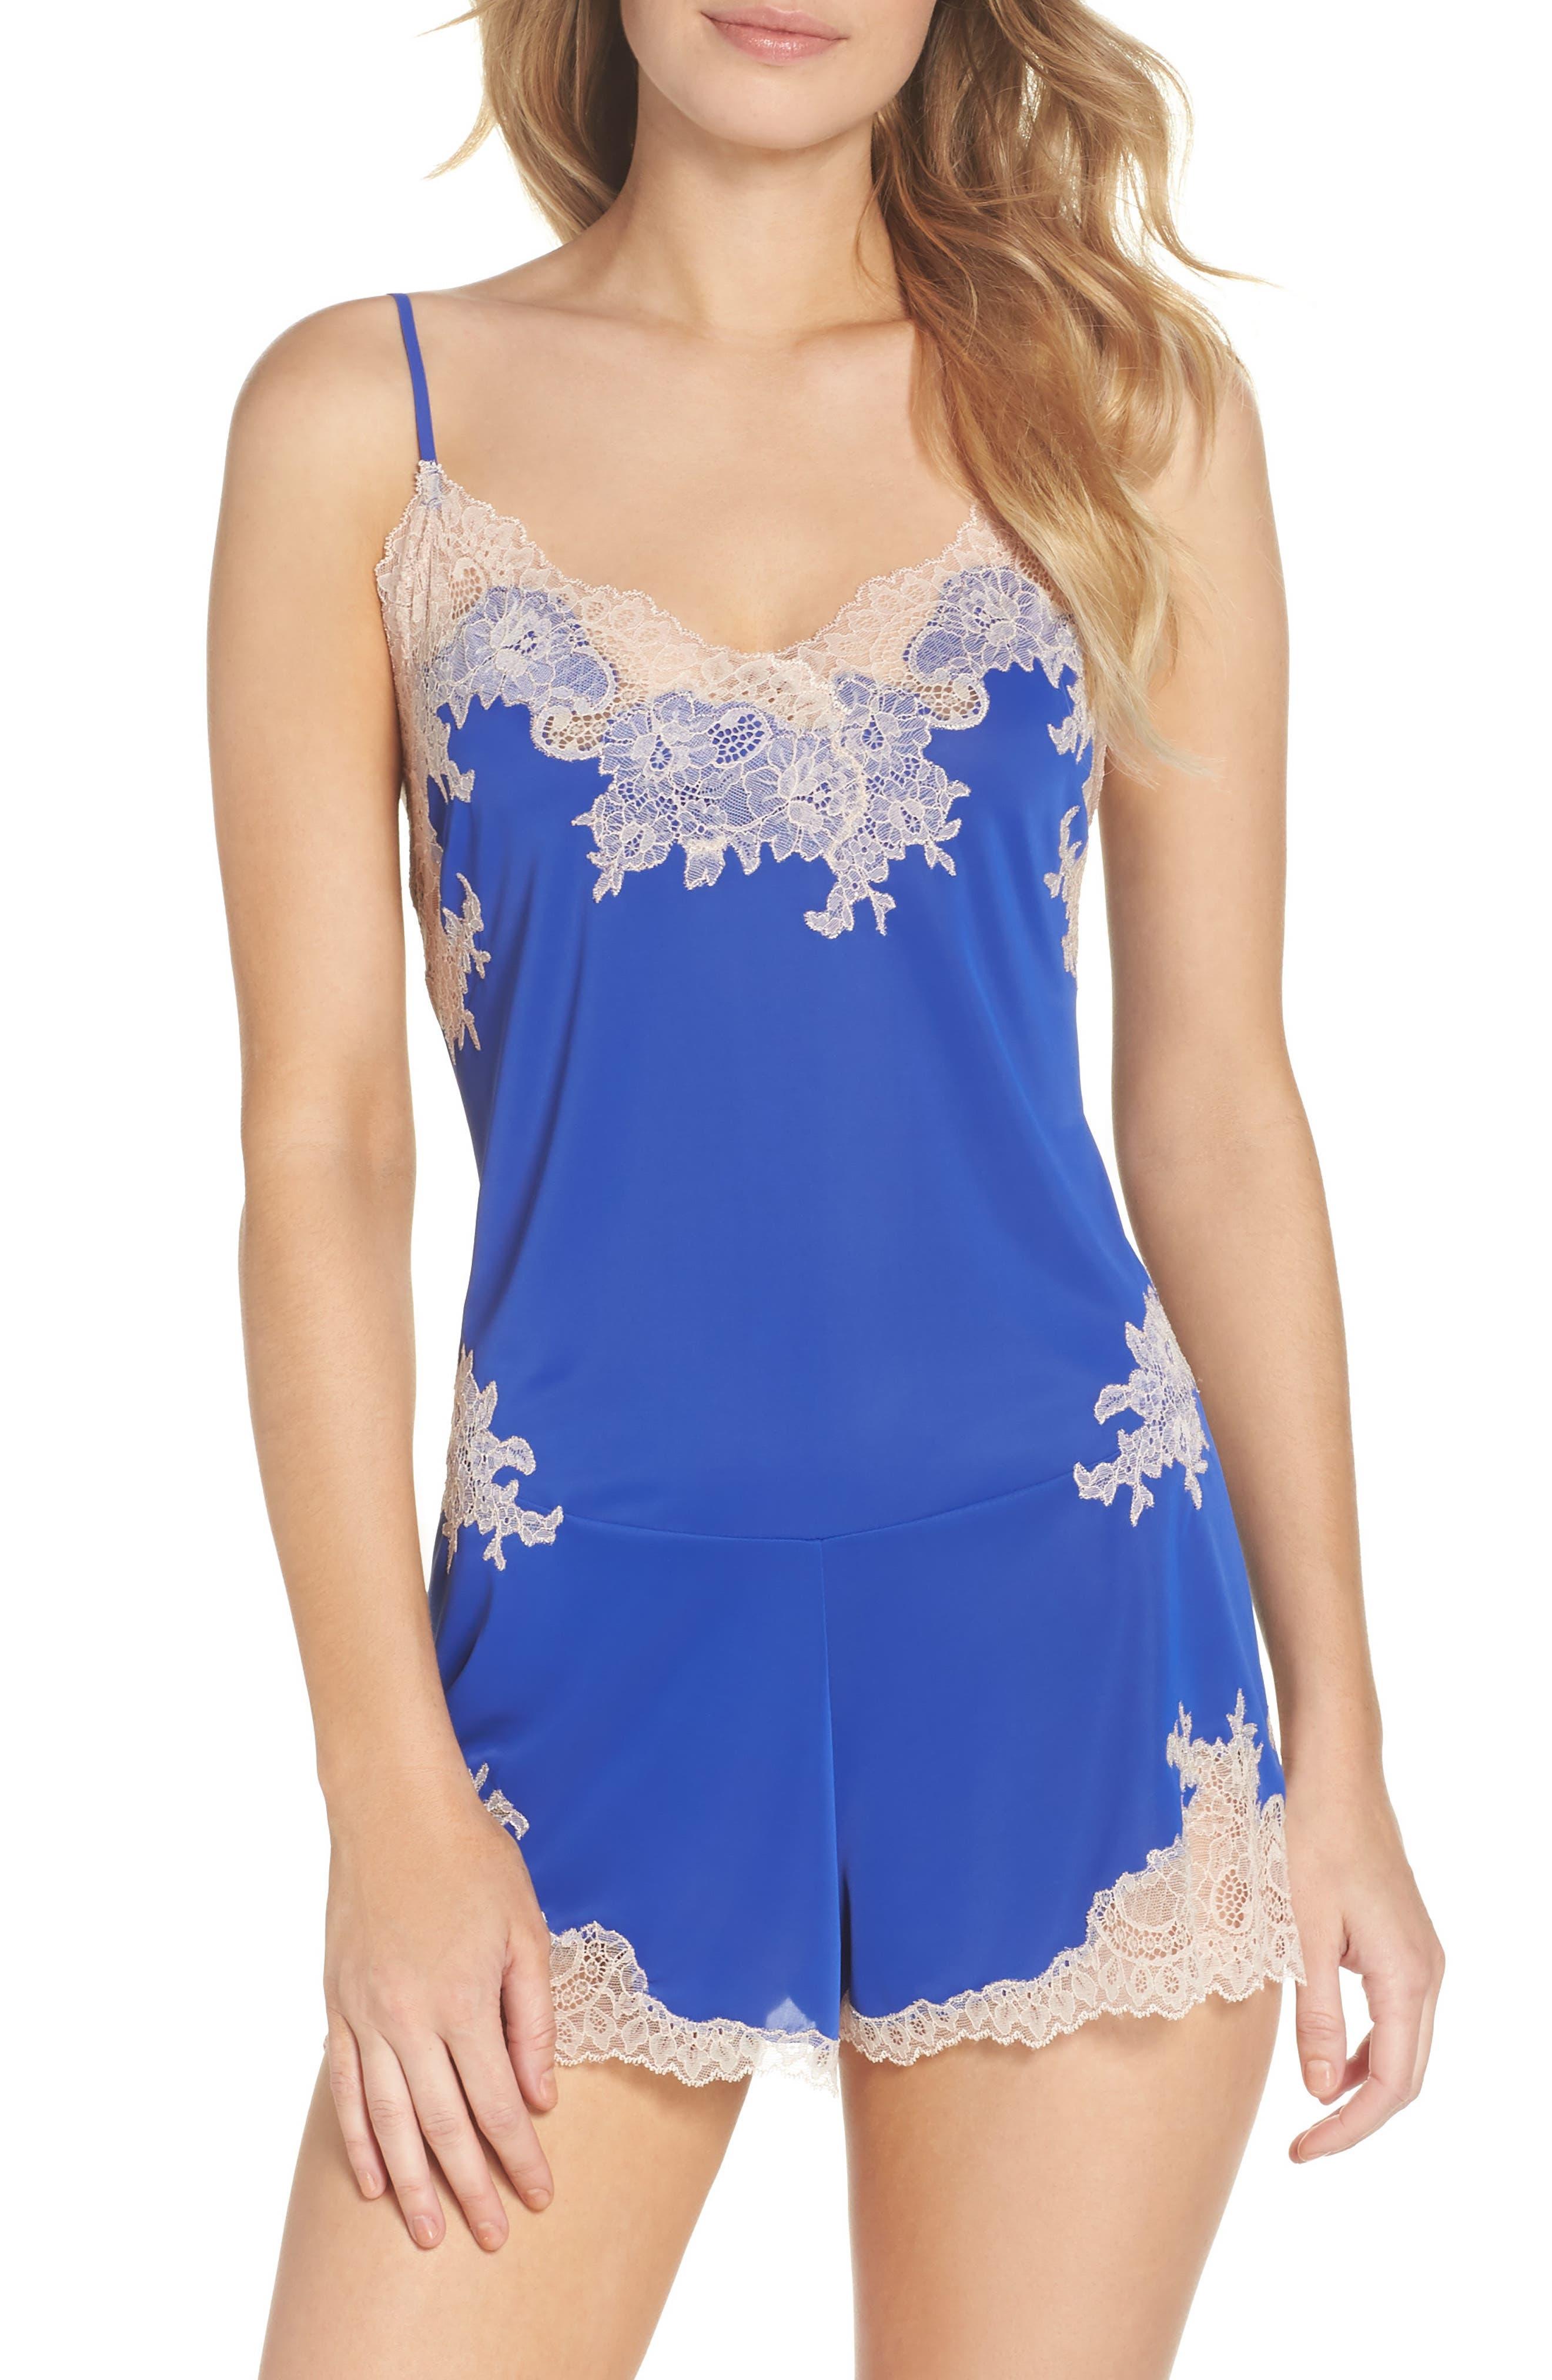 Enchant Lace Romper,                         Main,                         color, Cobalt/ Cam Rse Lace